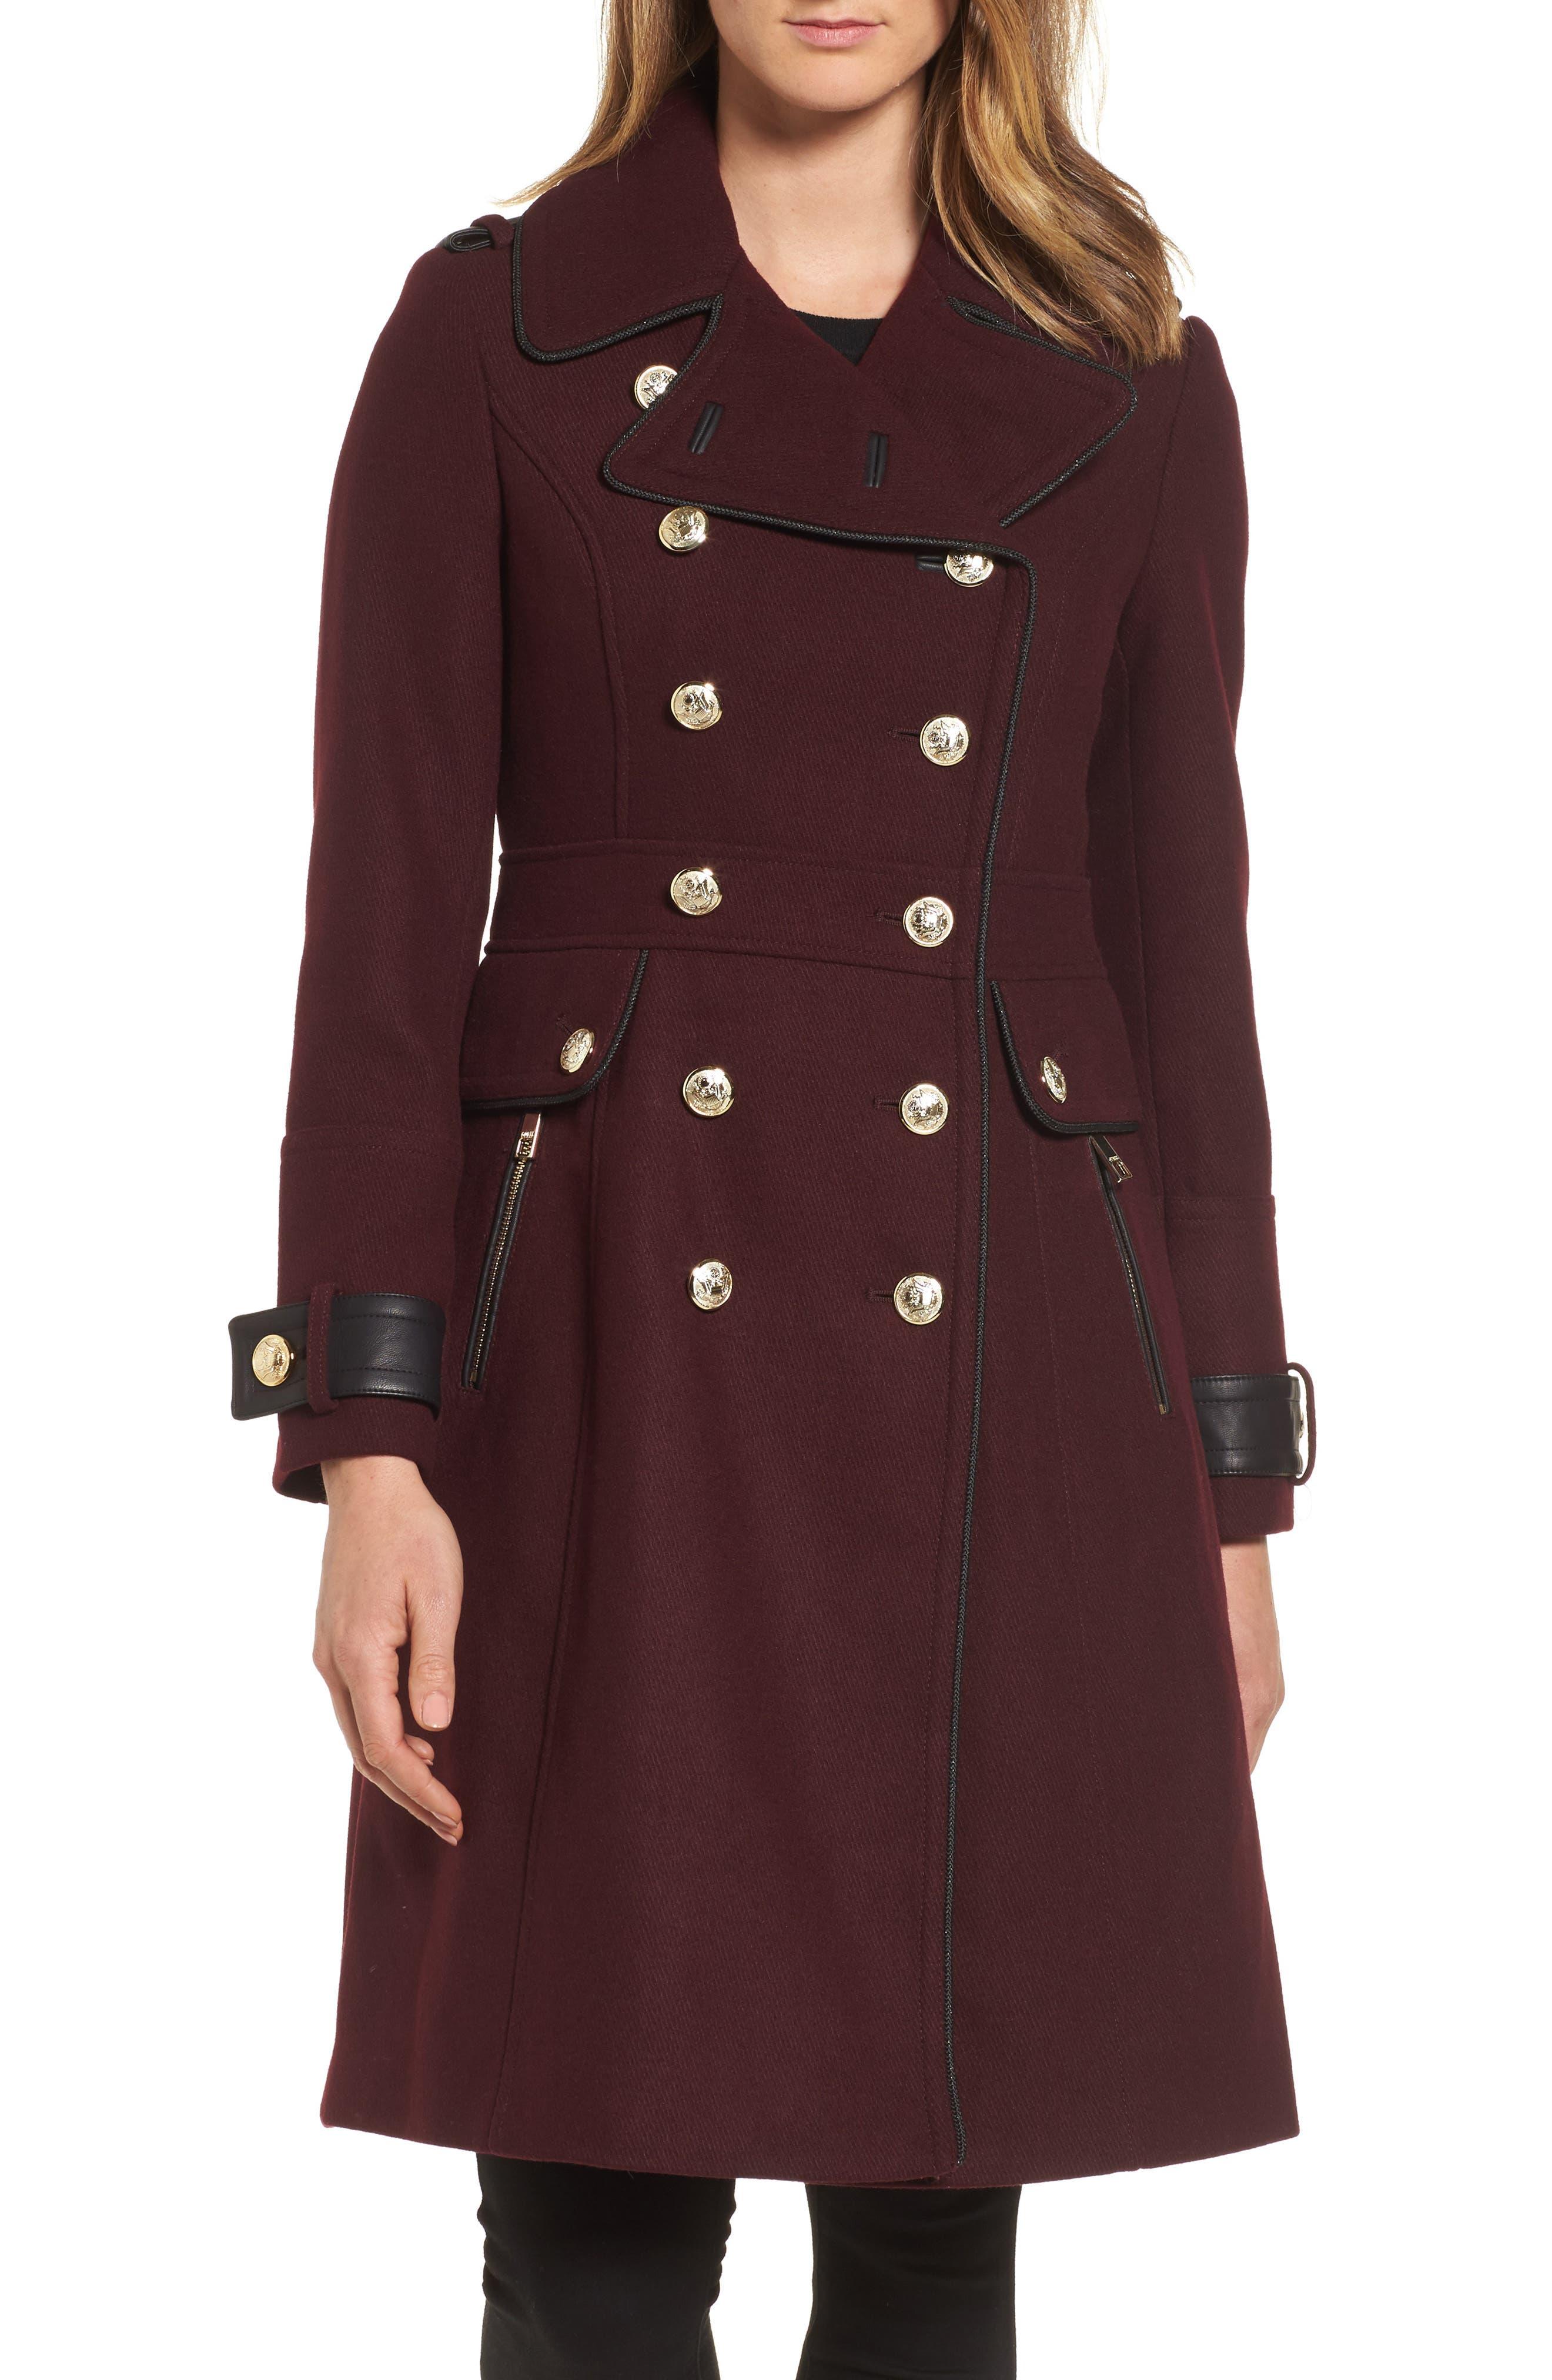 Wool Blend Military Coat,                         Main,                         color, Rum Raisin